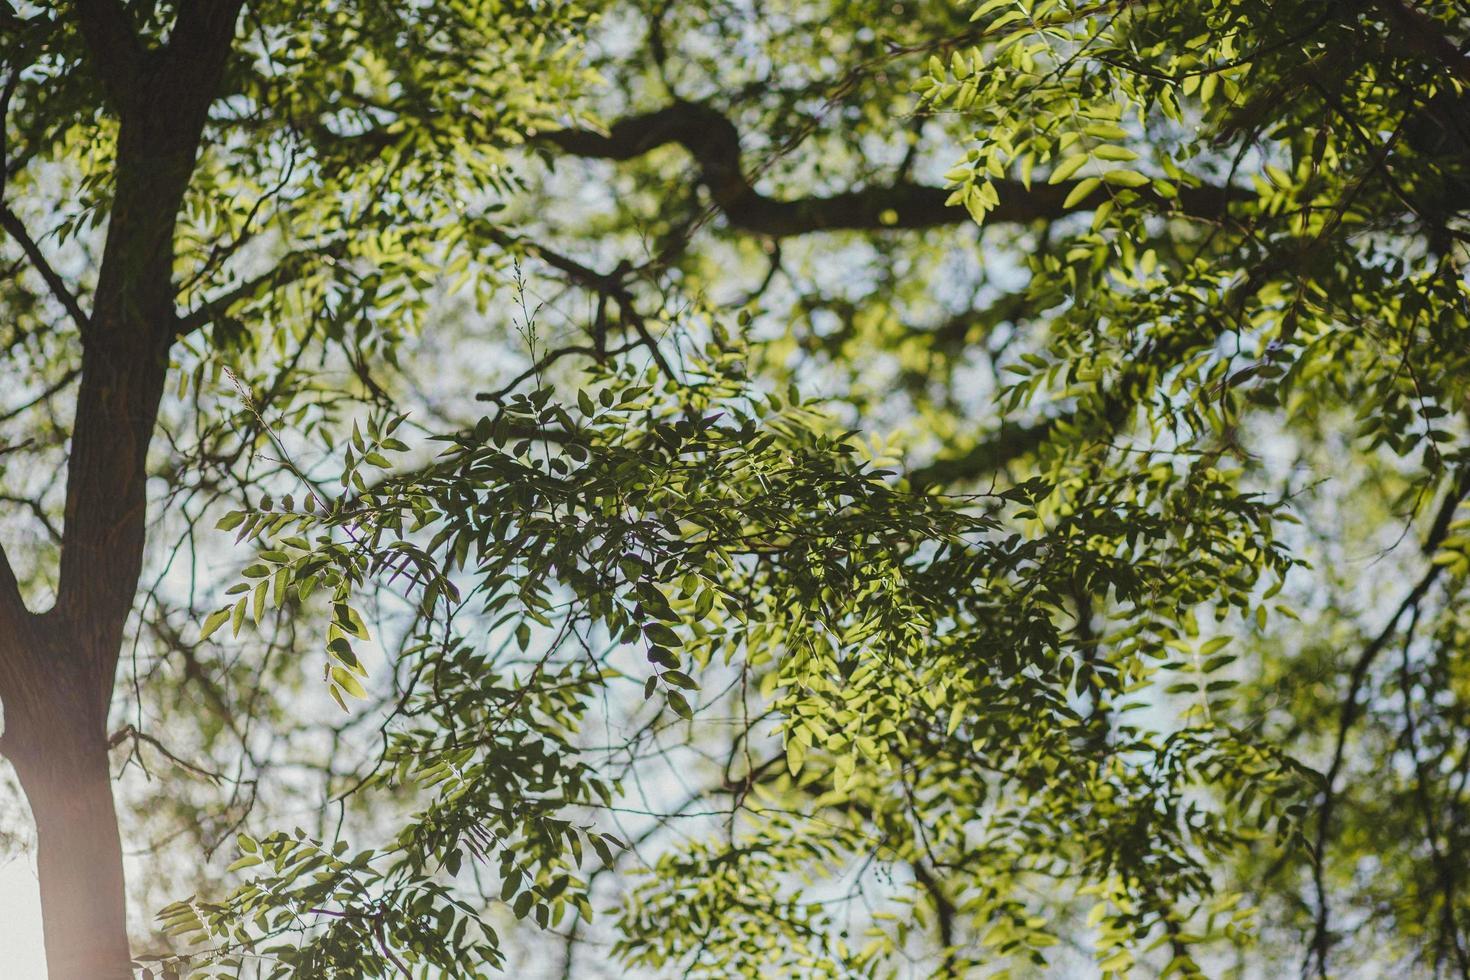 kijkend naar boomtakken foto